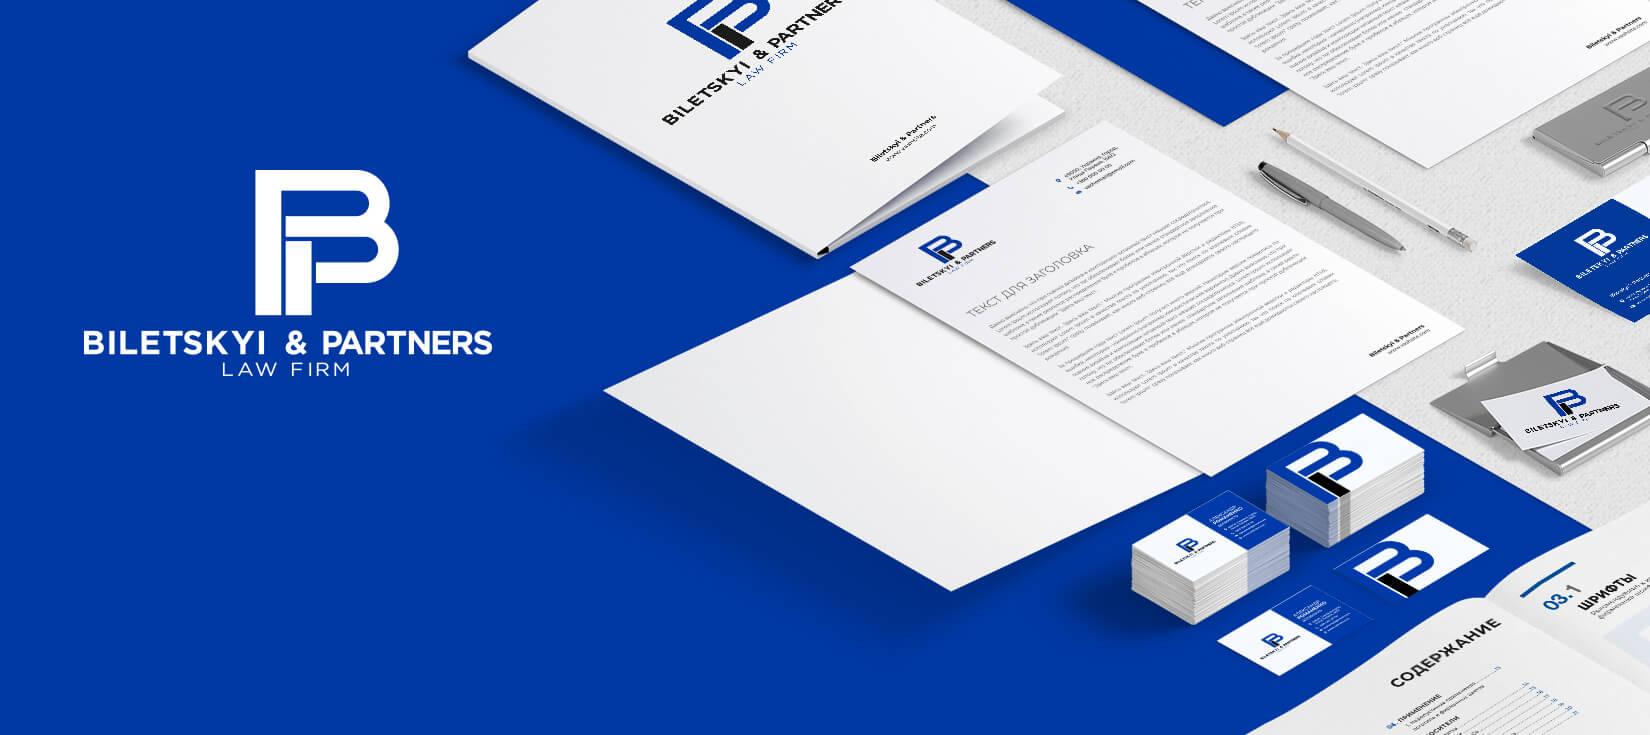 Юридическая фирма Biletskyi & Partners